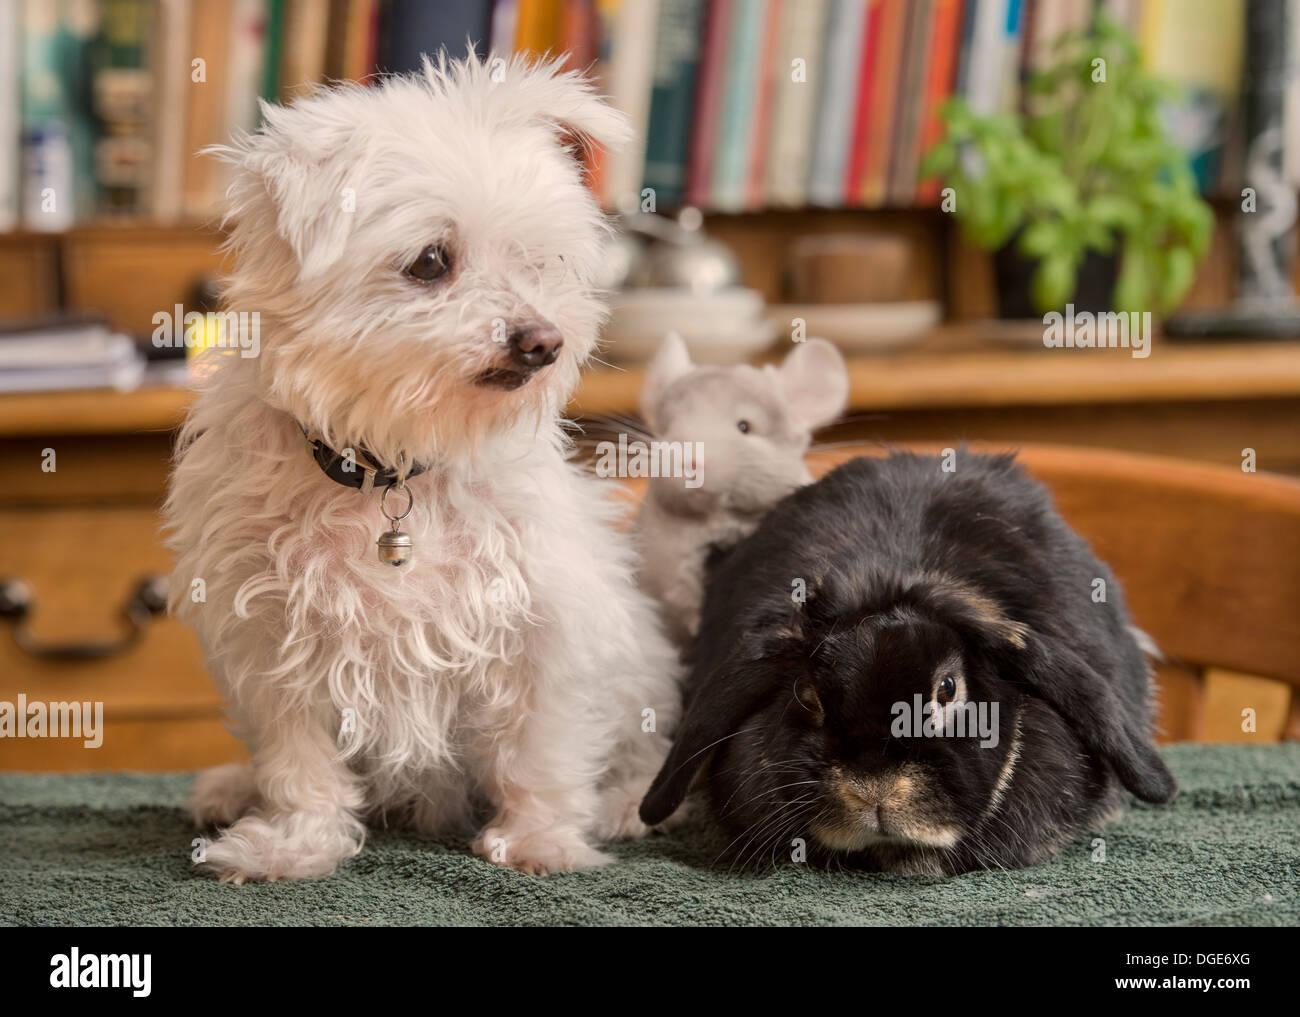 Un Maltese Cane Con Un Coniglio E Chinchilla In Una Casa Regno Unito